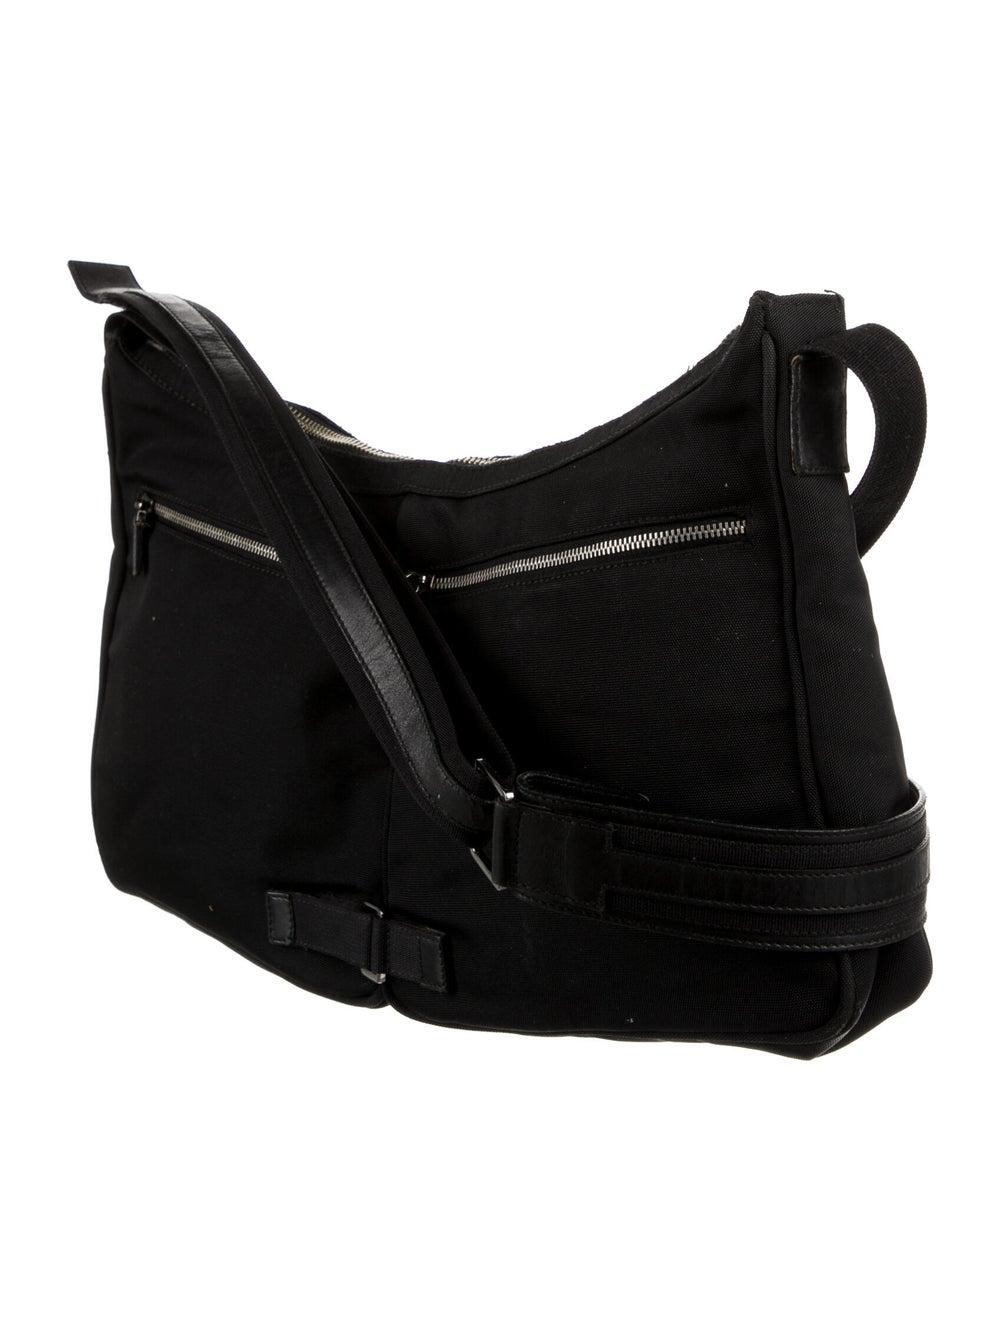 Gucci Nylon Shoulder Bag Black - image 3